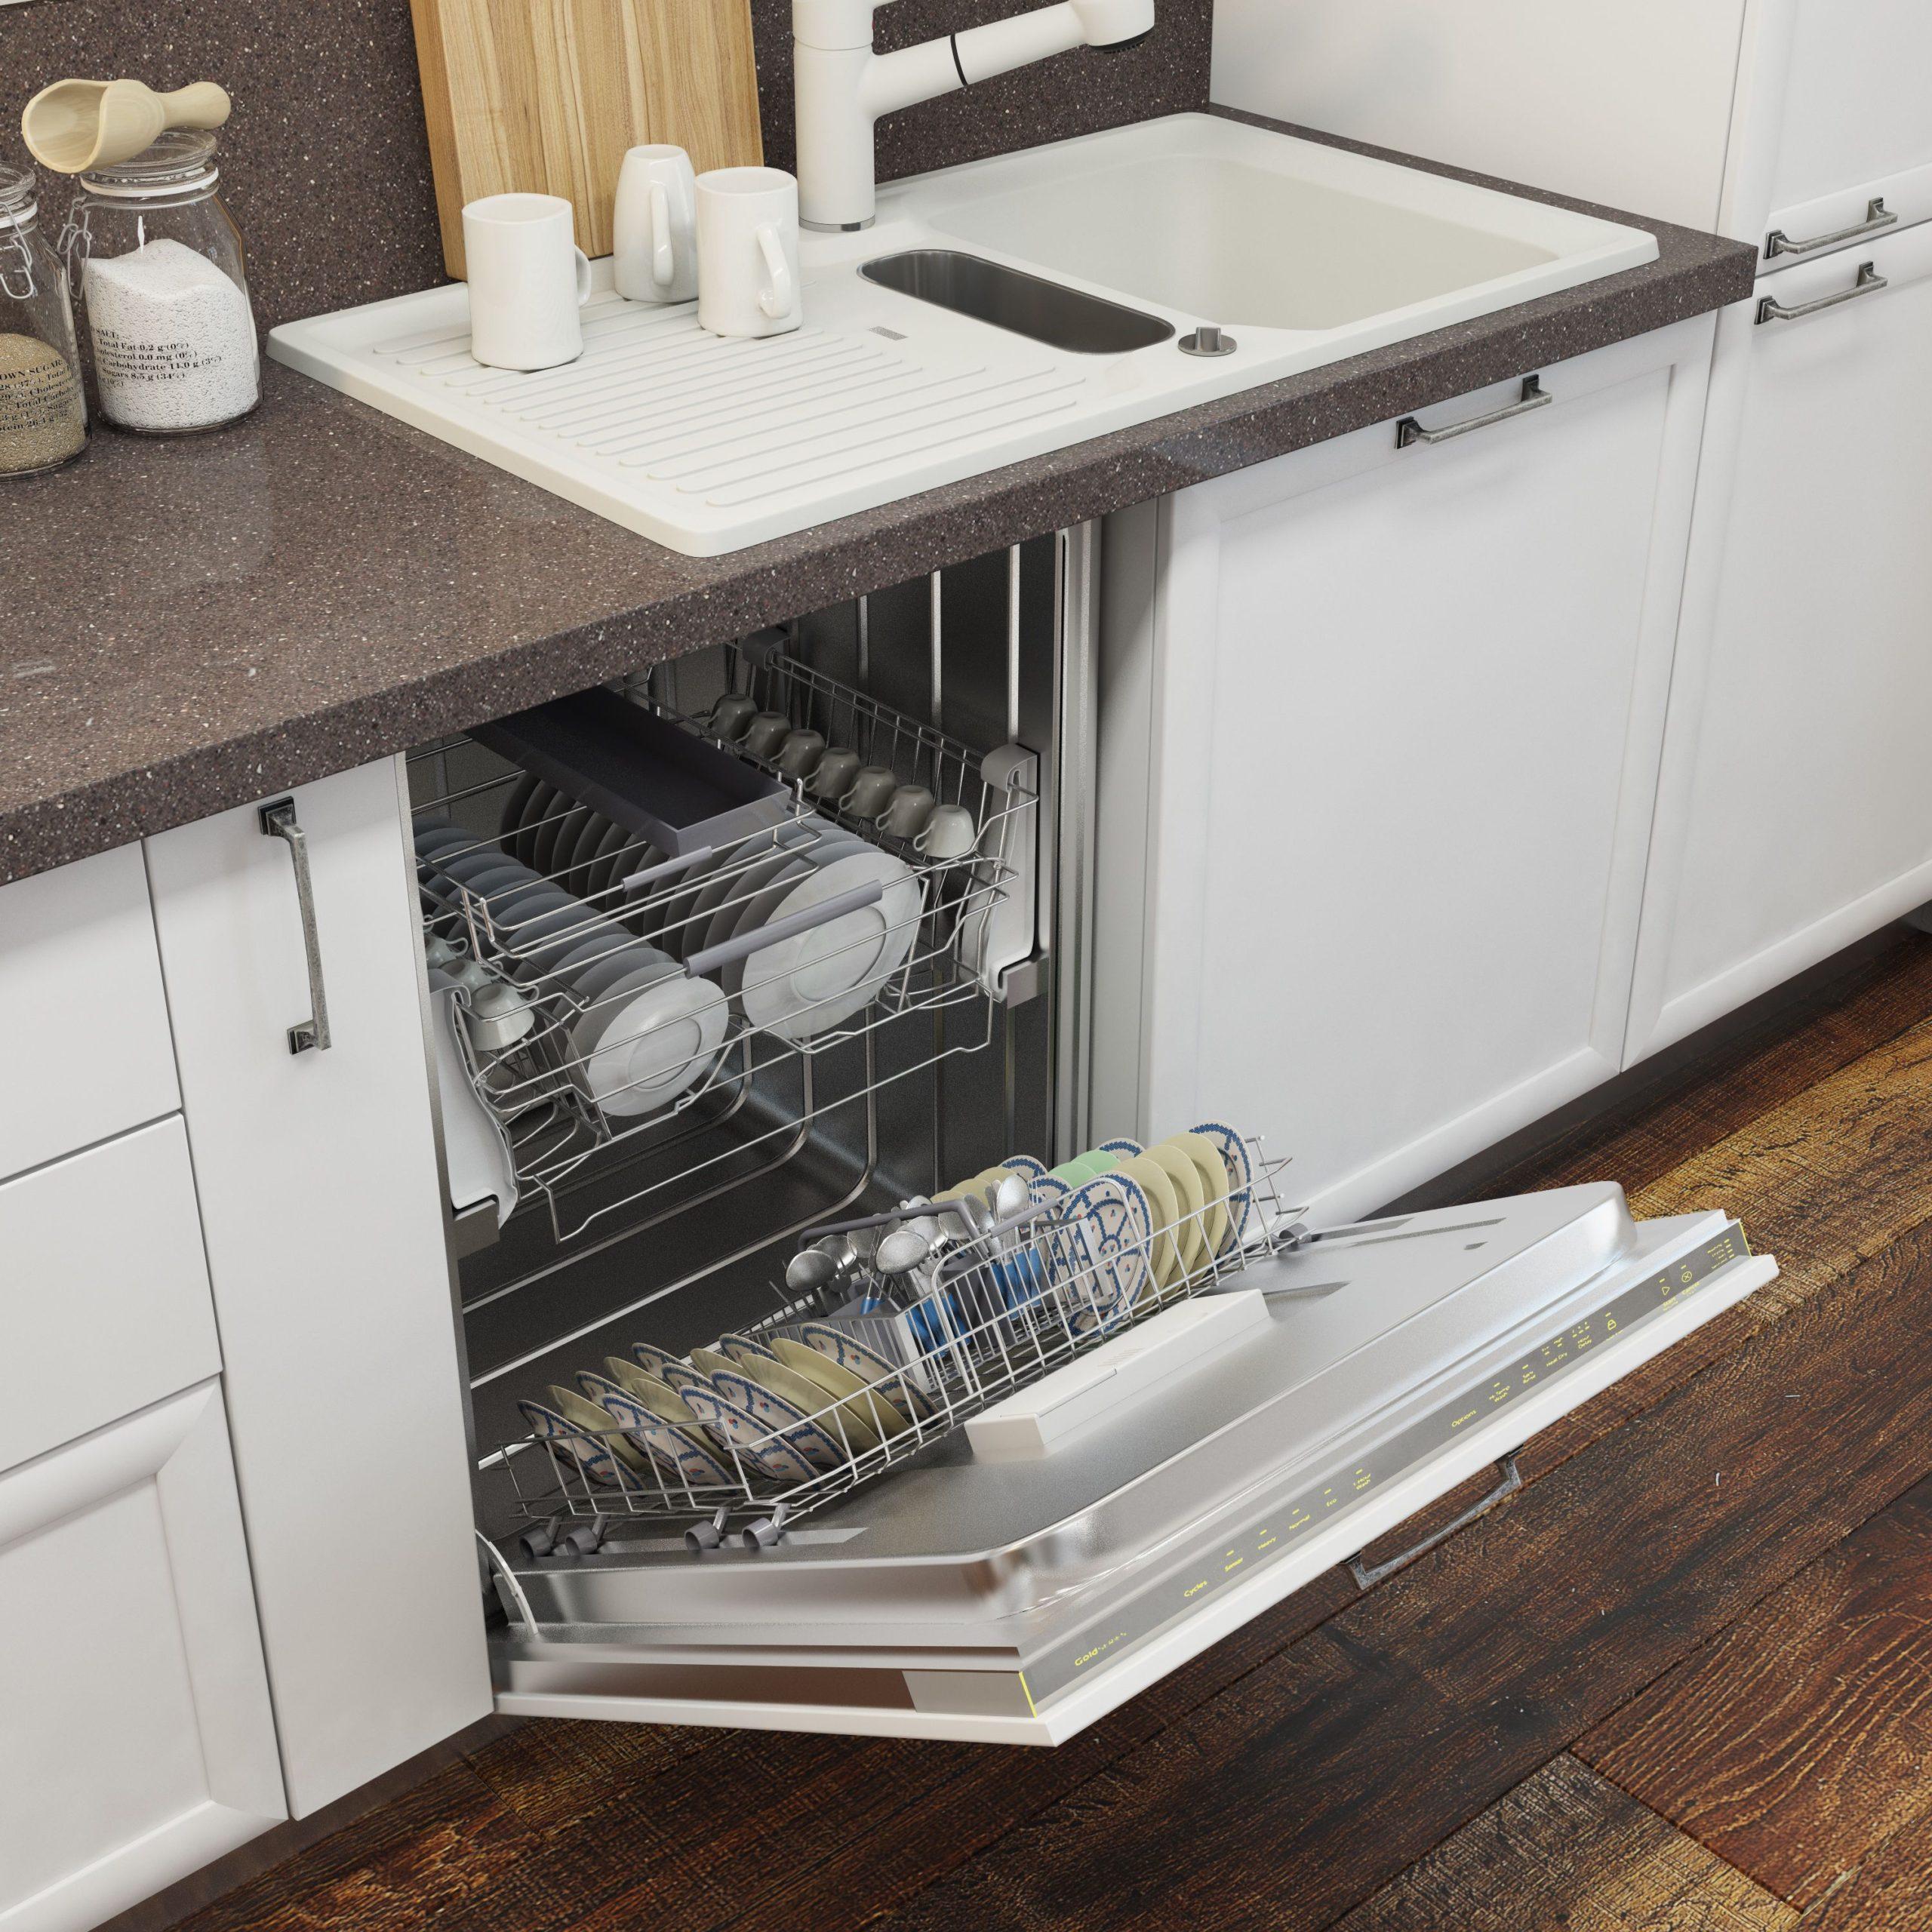 Кухня Interium Модерн.10 - посудомойка под раковиной